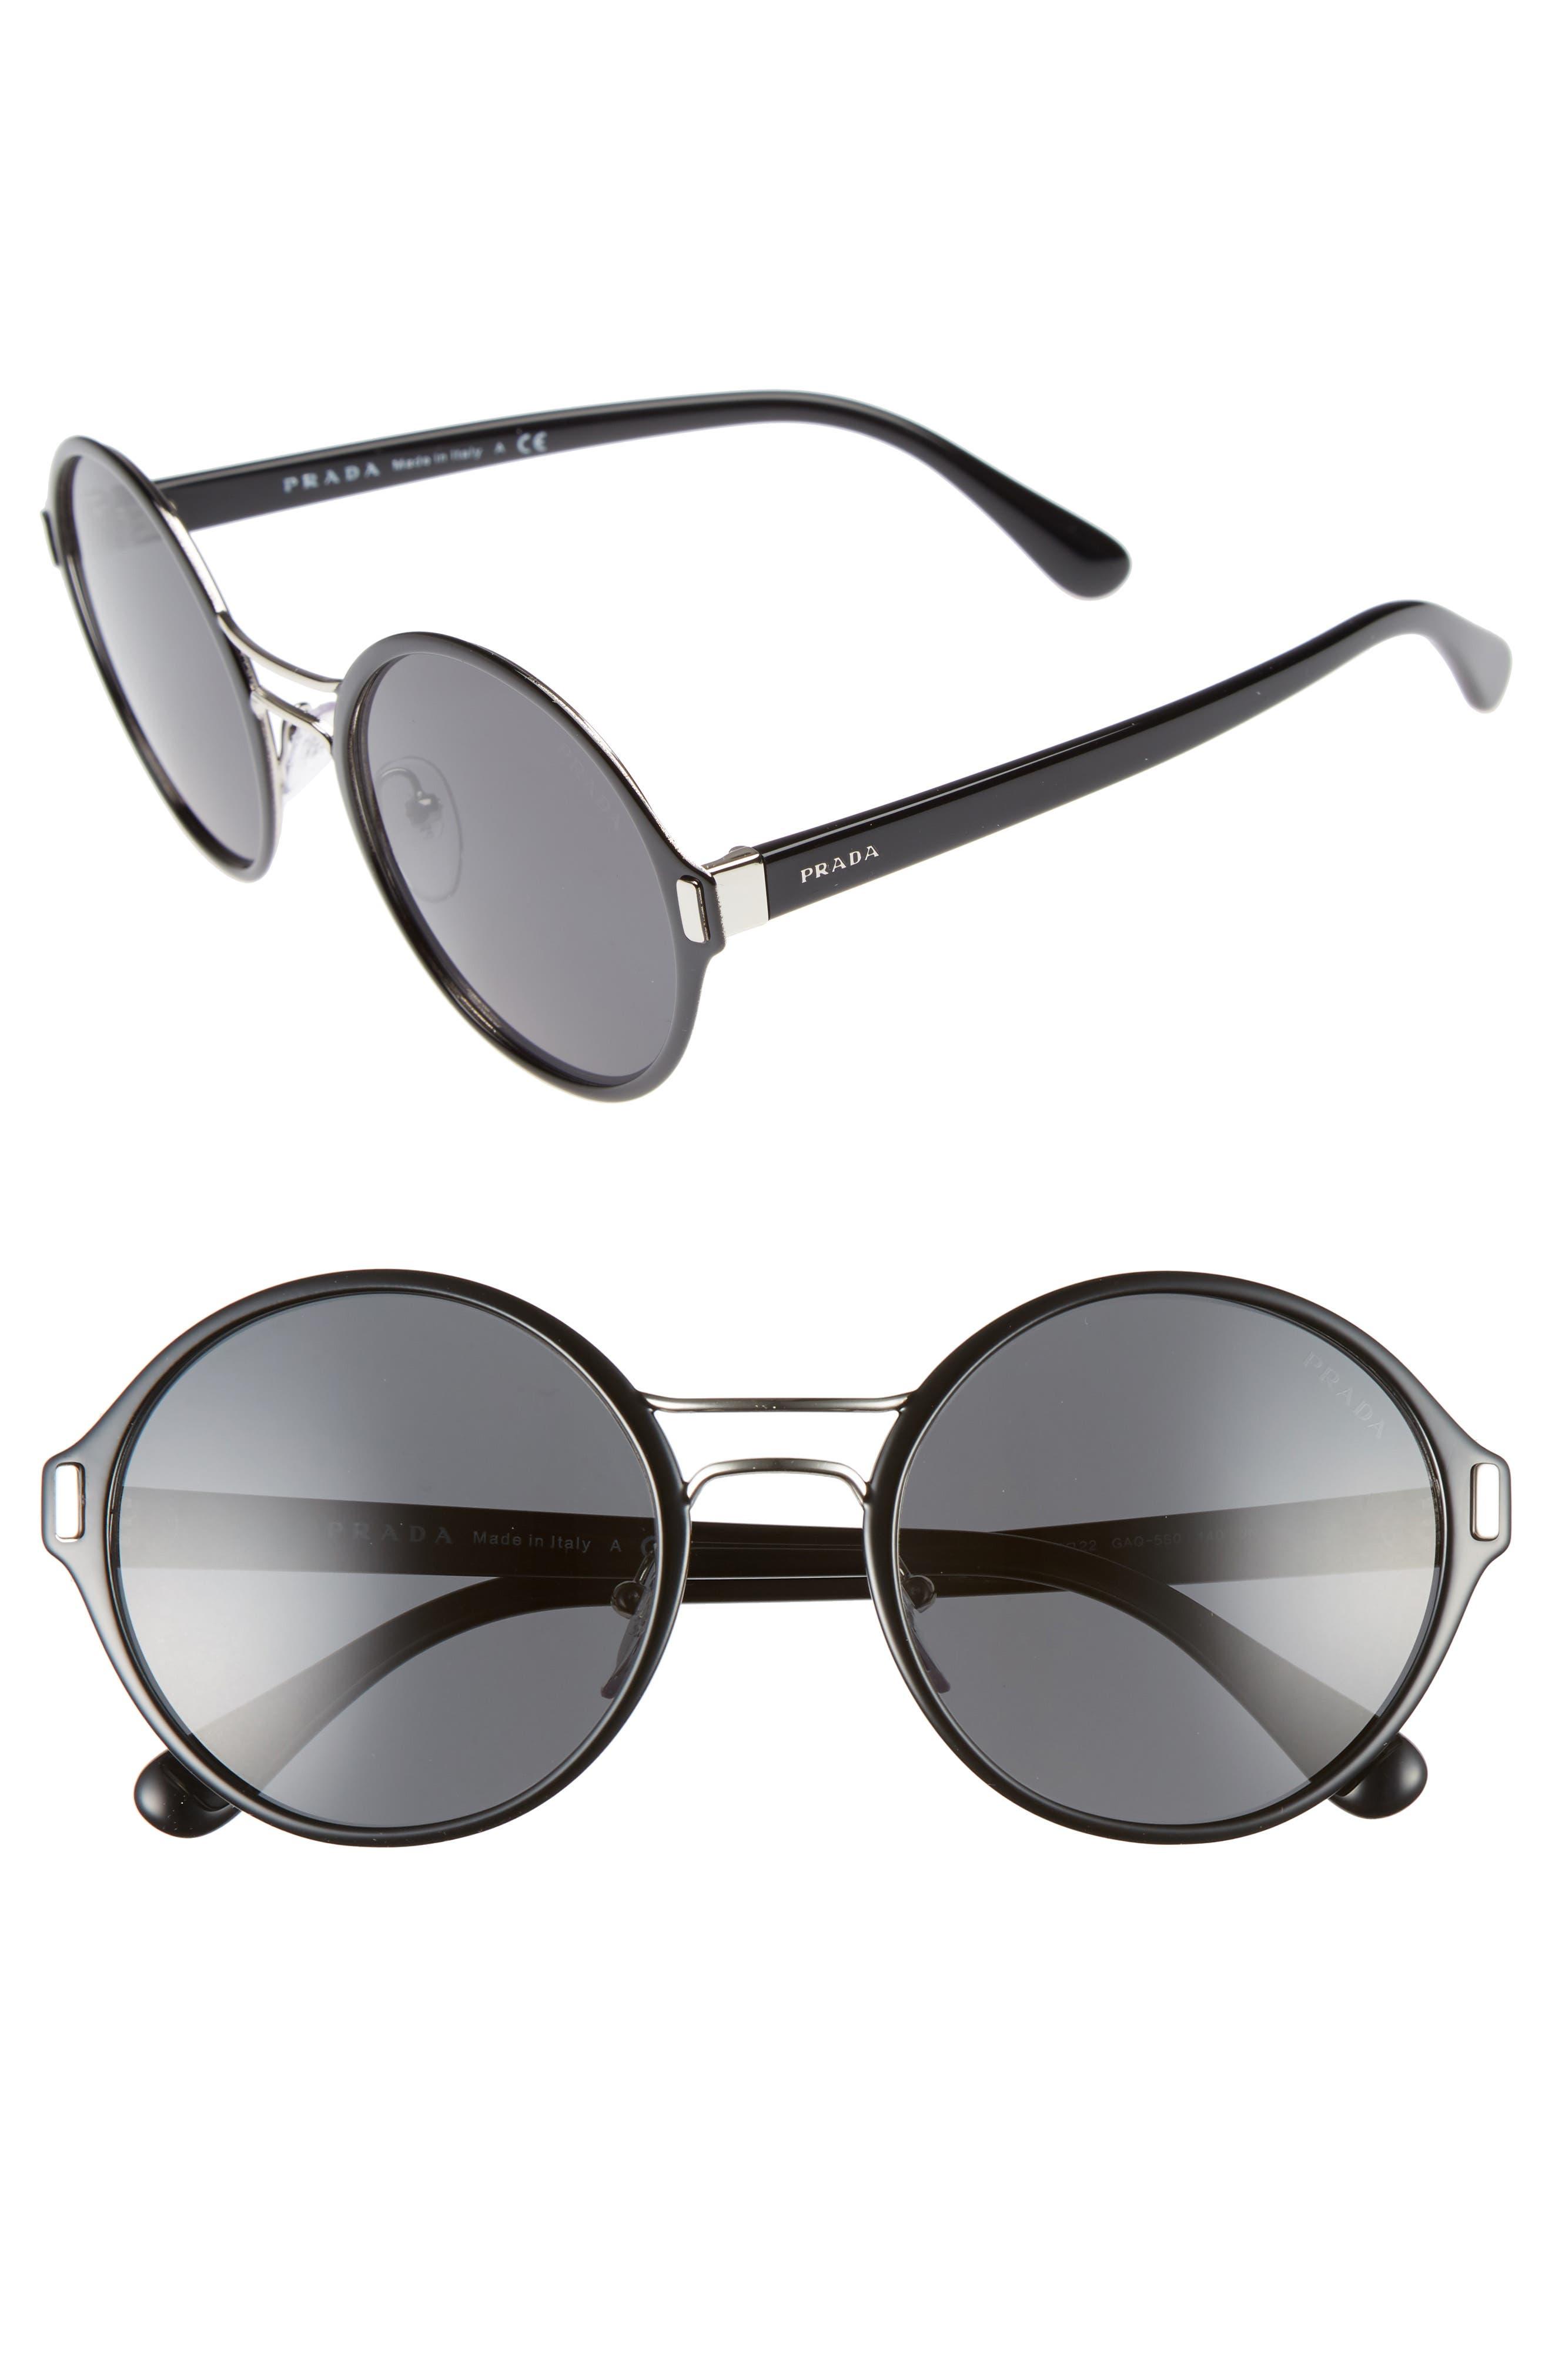 Main Image - Prada 54mm Round Sunglasses